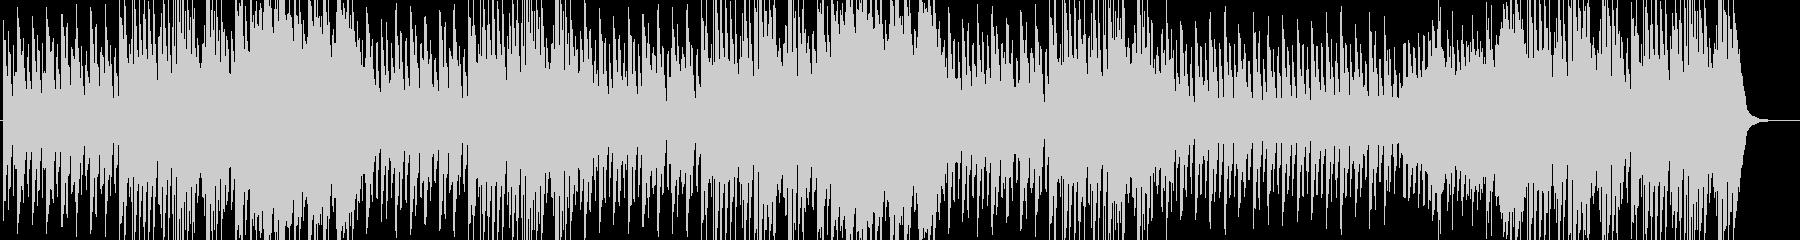 軽快なボヘミアンワルツの未再生の波形